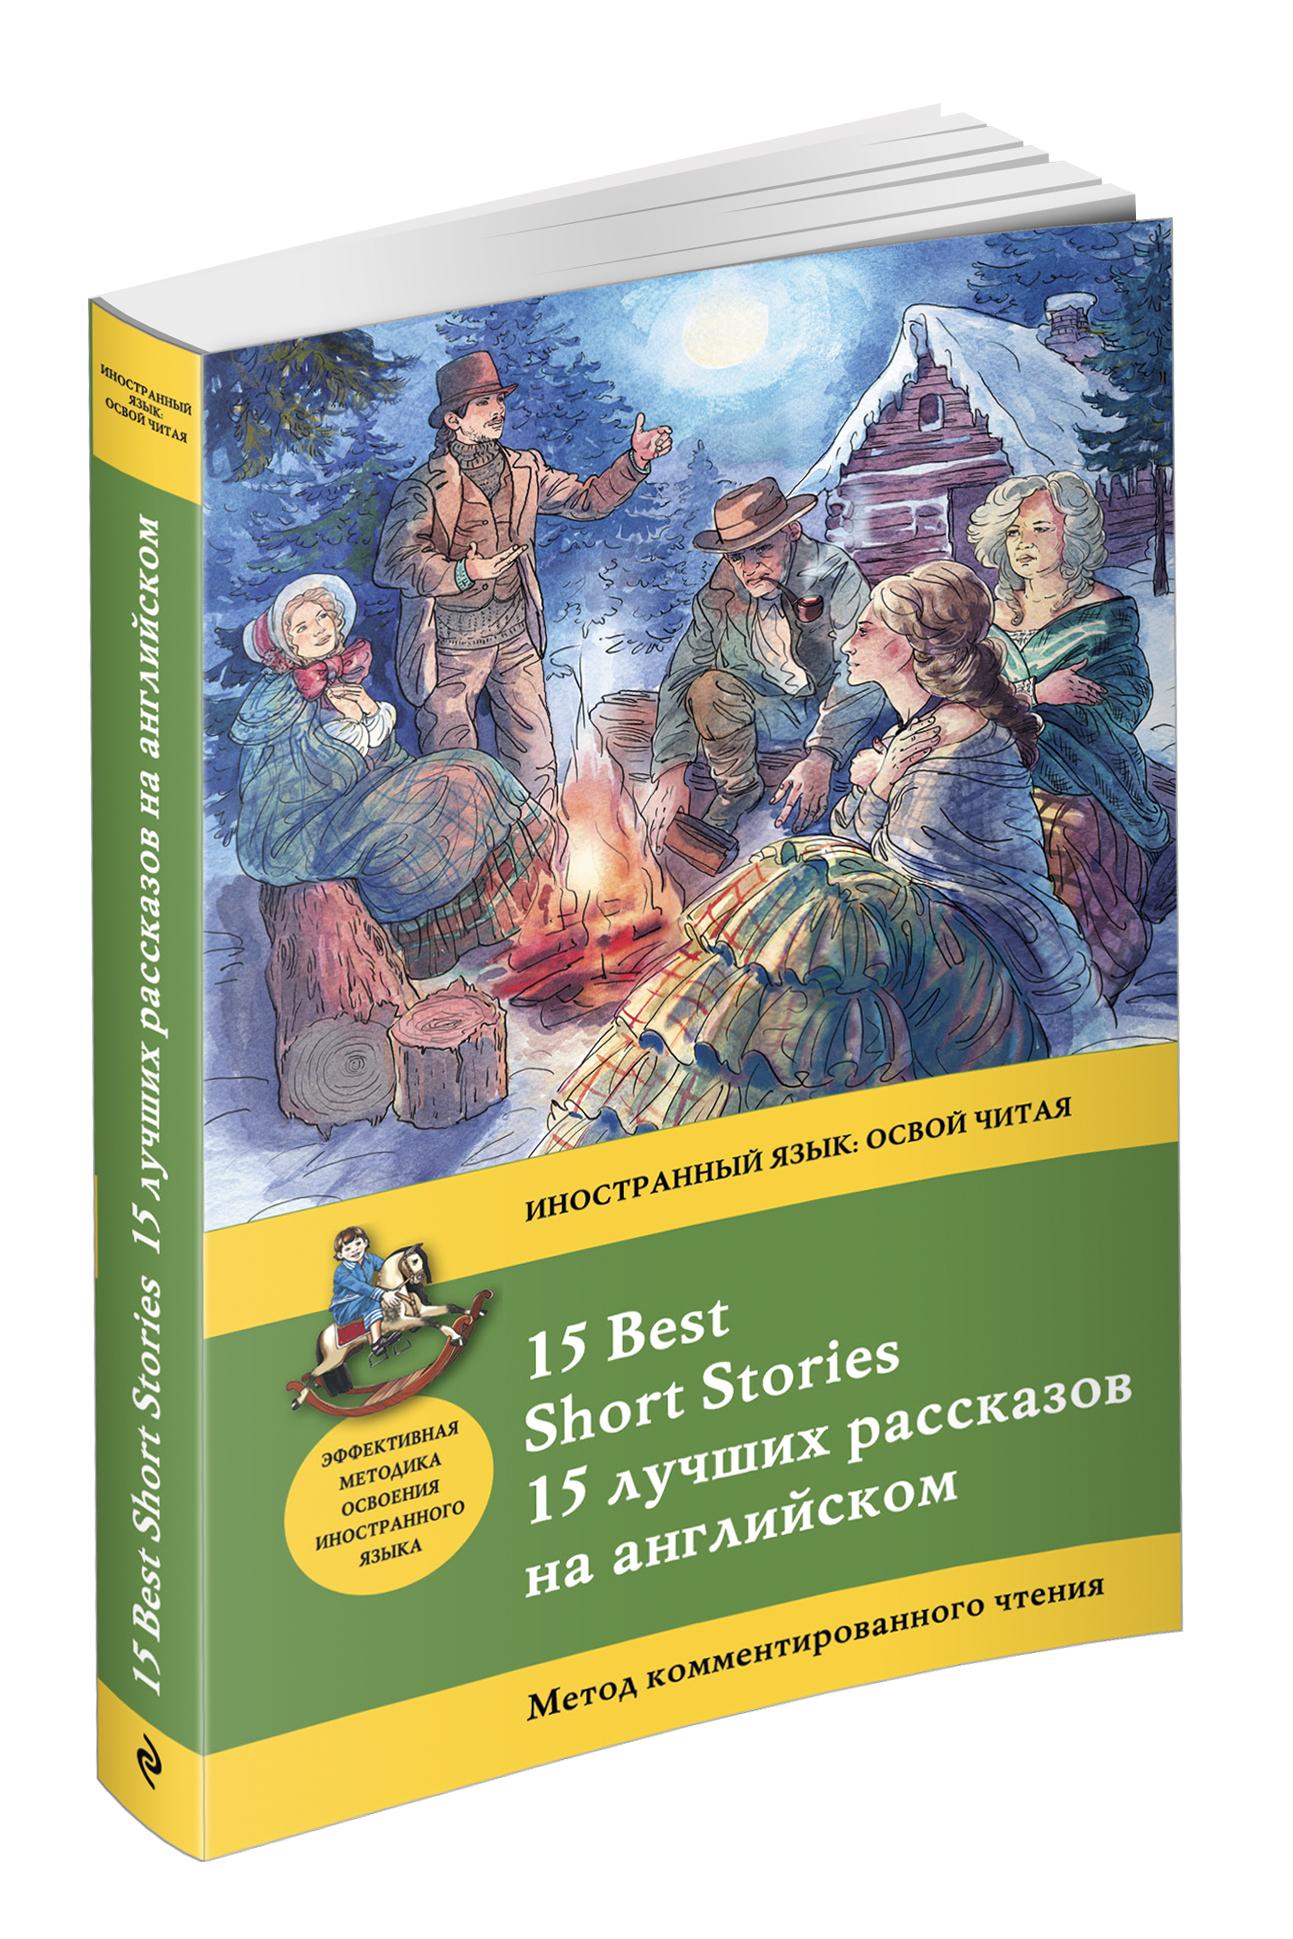 15 лучших рассказов на английском = 15 BEST SHORT STORIES: метод комментированного чтения